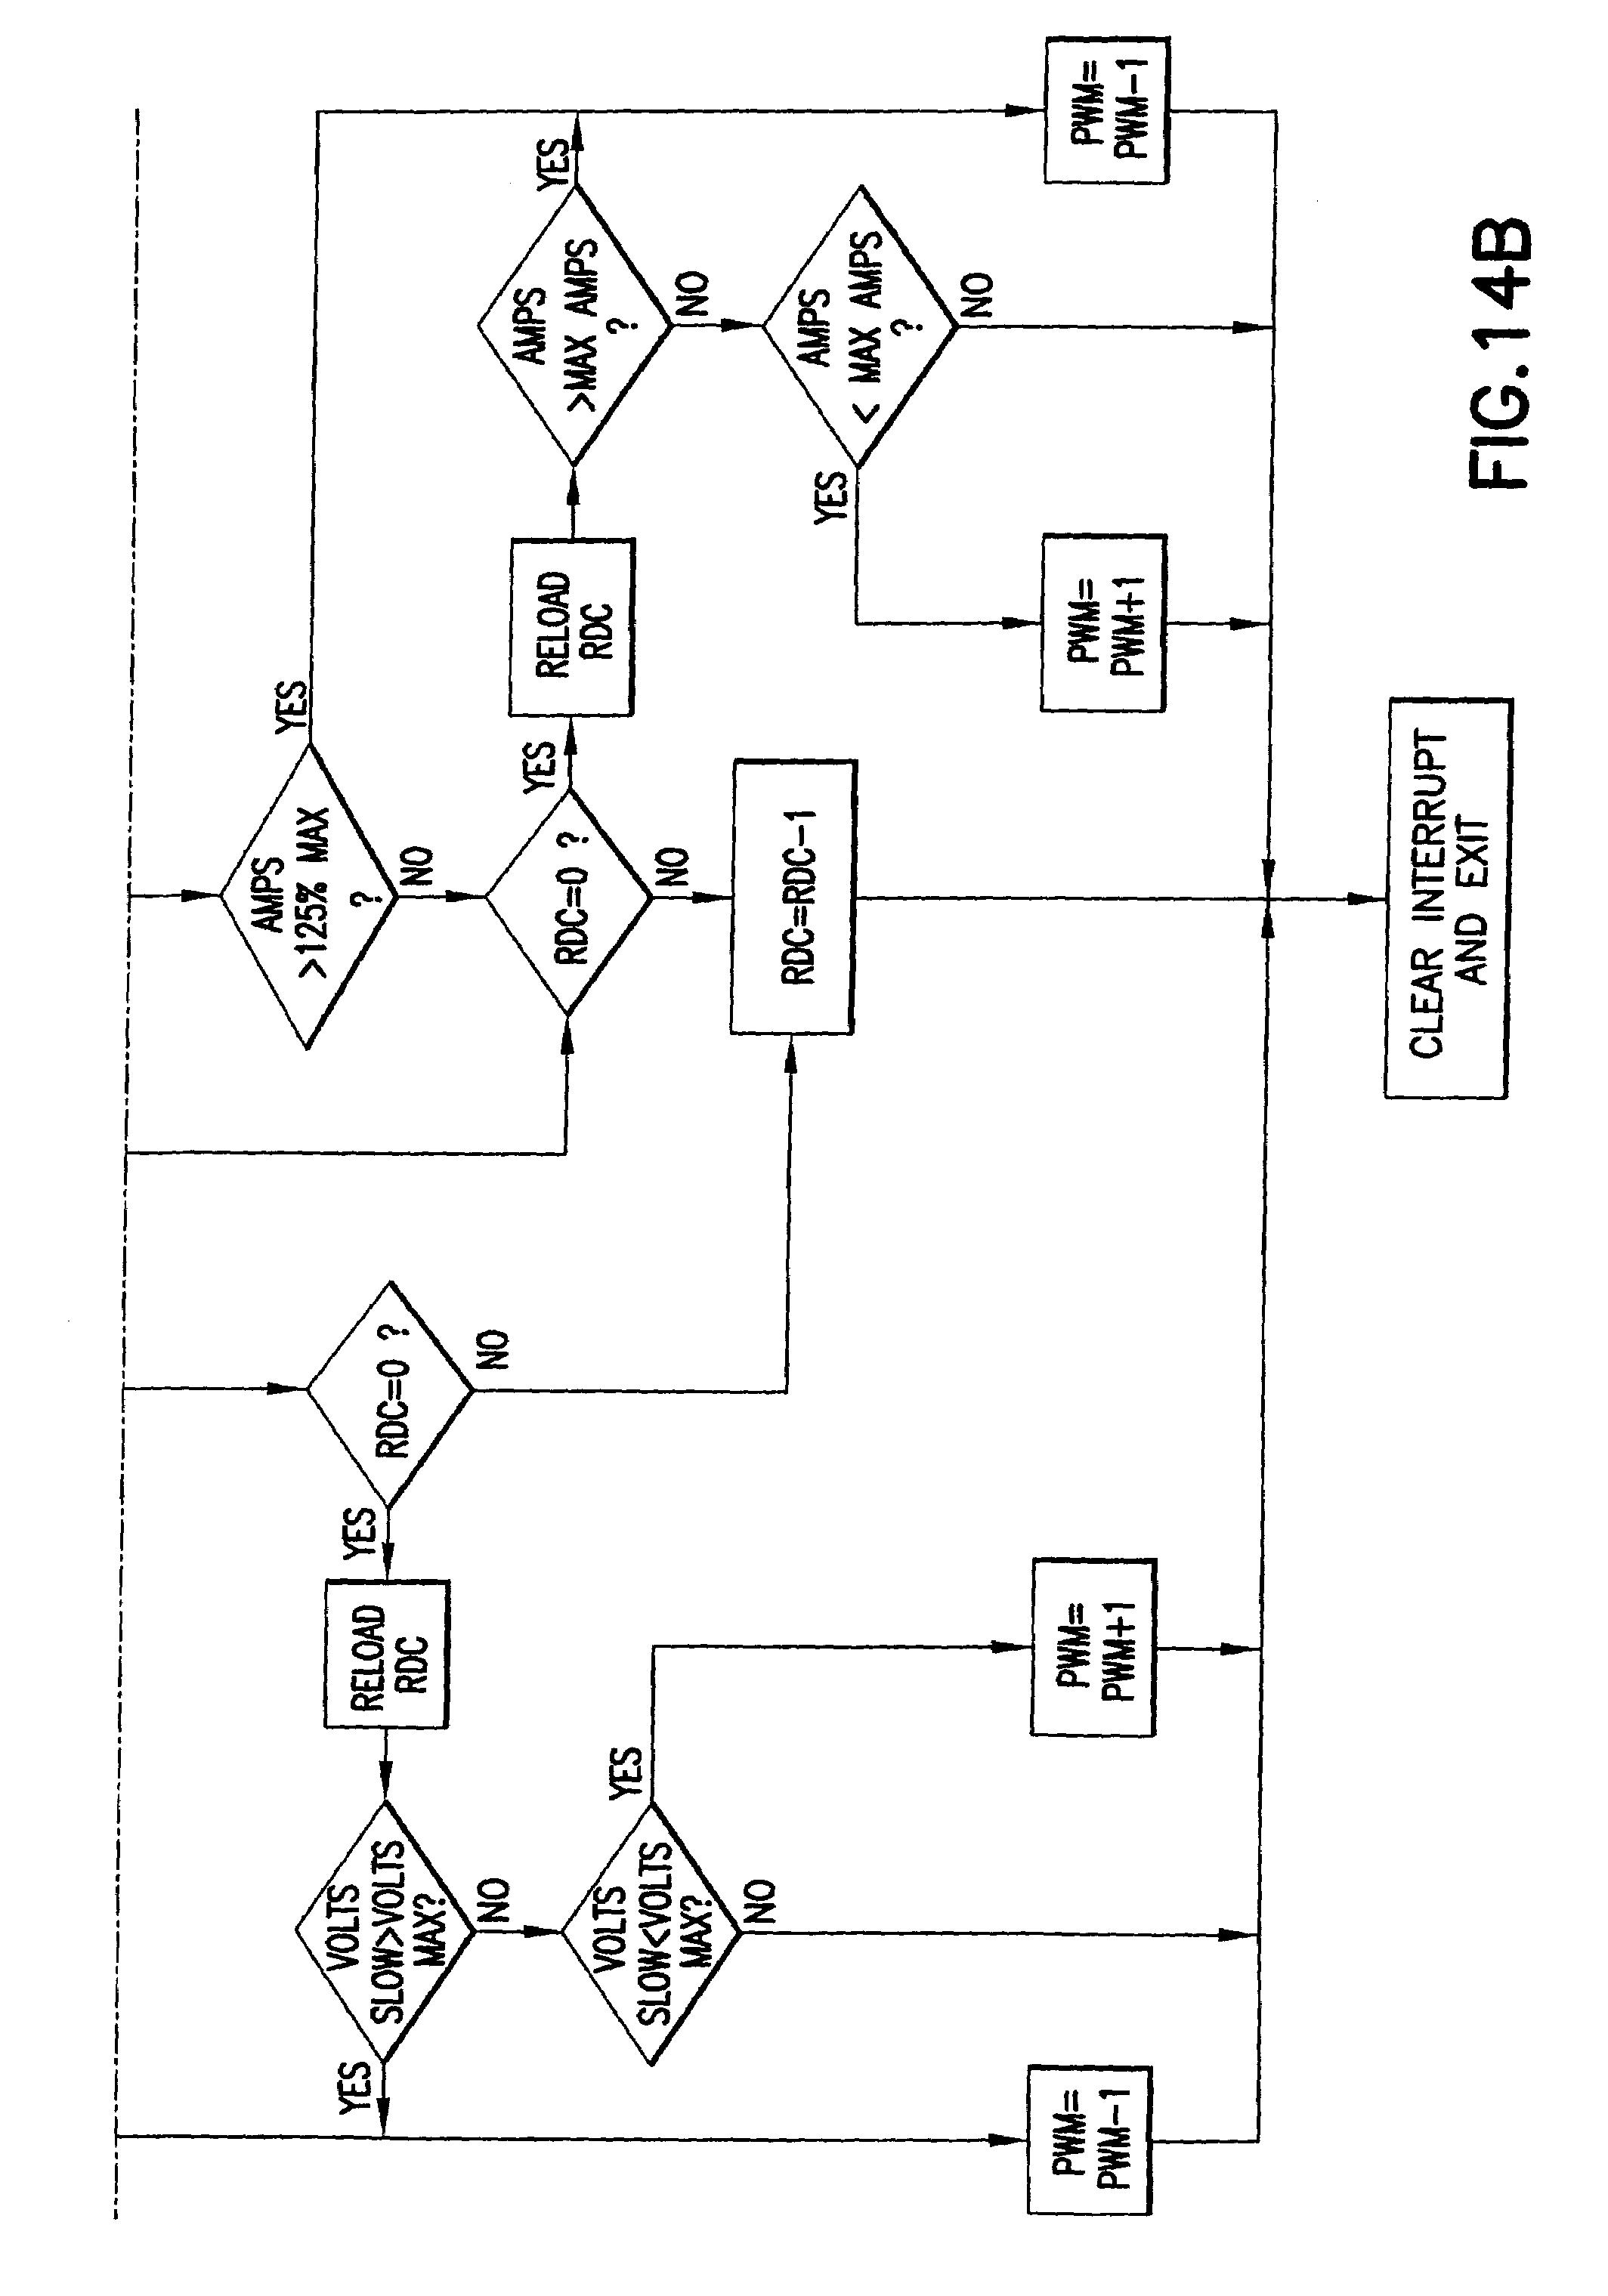 1984 ez go engine diagram html imageresizertool com 1984 ezgo textron wiring diagram ez go textron wiring diagram